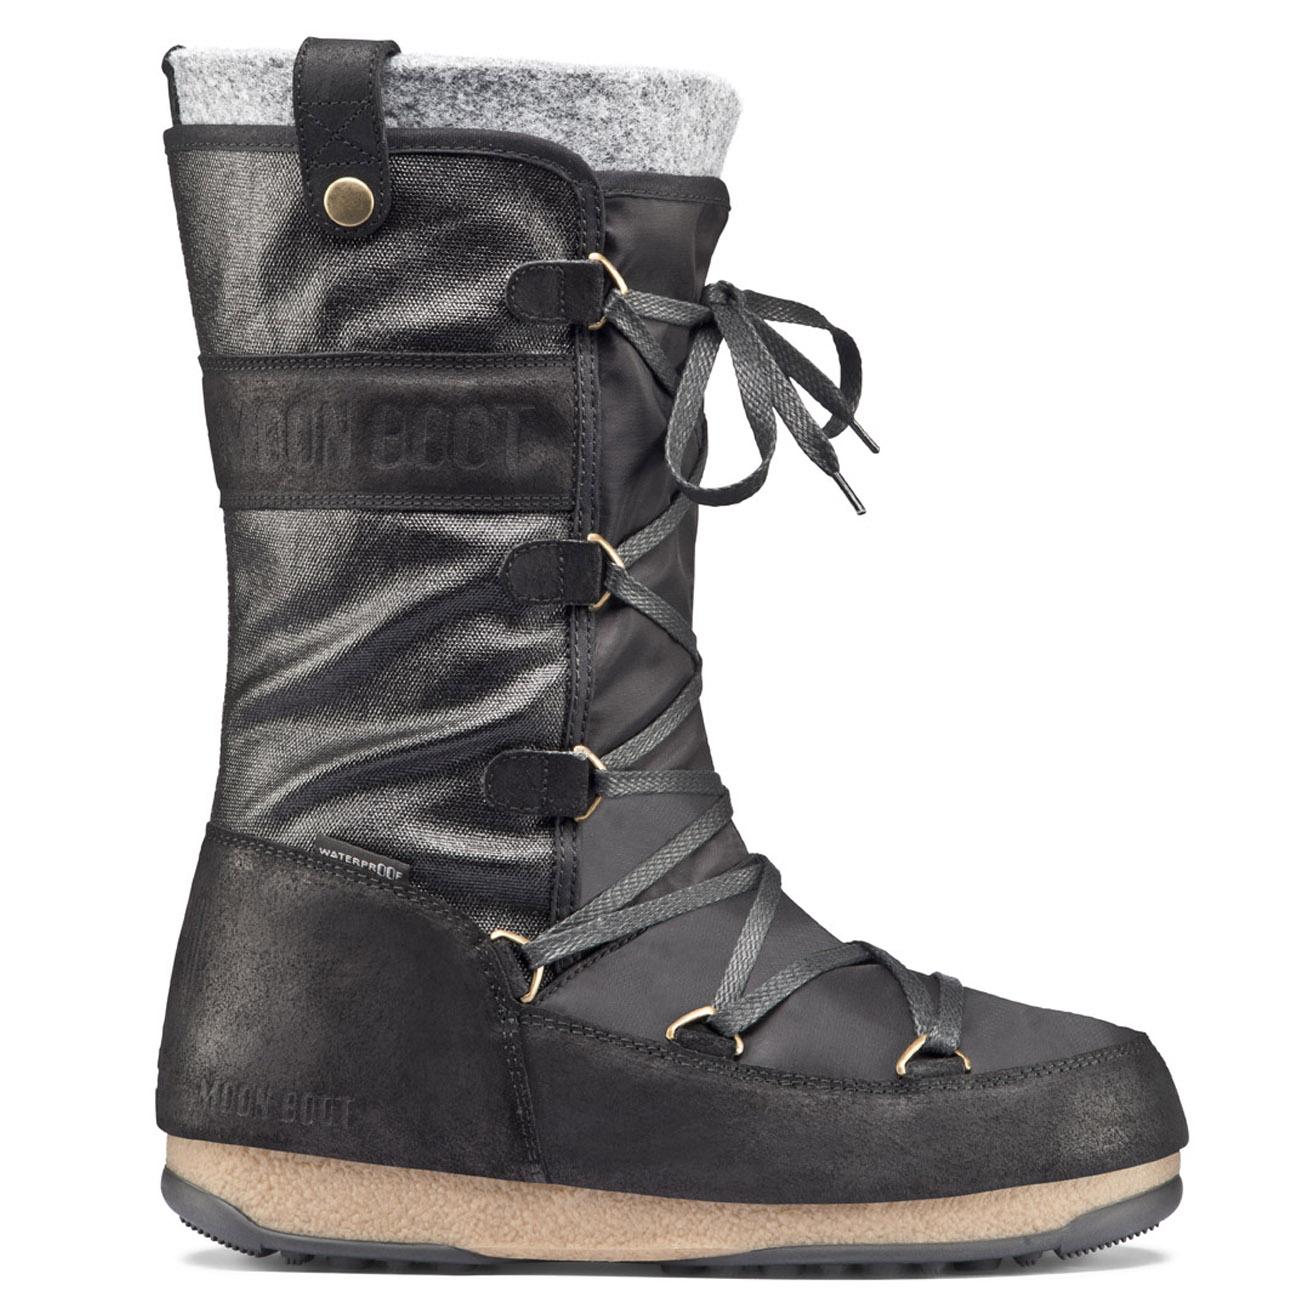 womens original tecnica moon boot we monaco mix winter. Black Bedroom Furniture Sets. Home Design Ideas